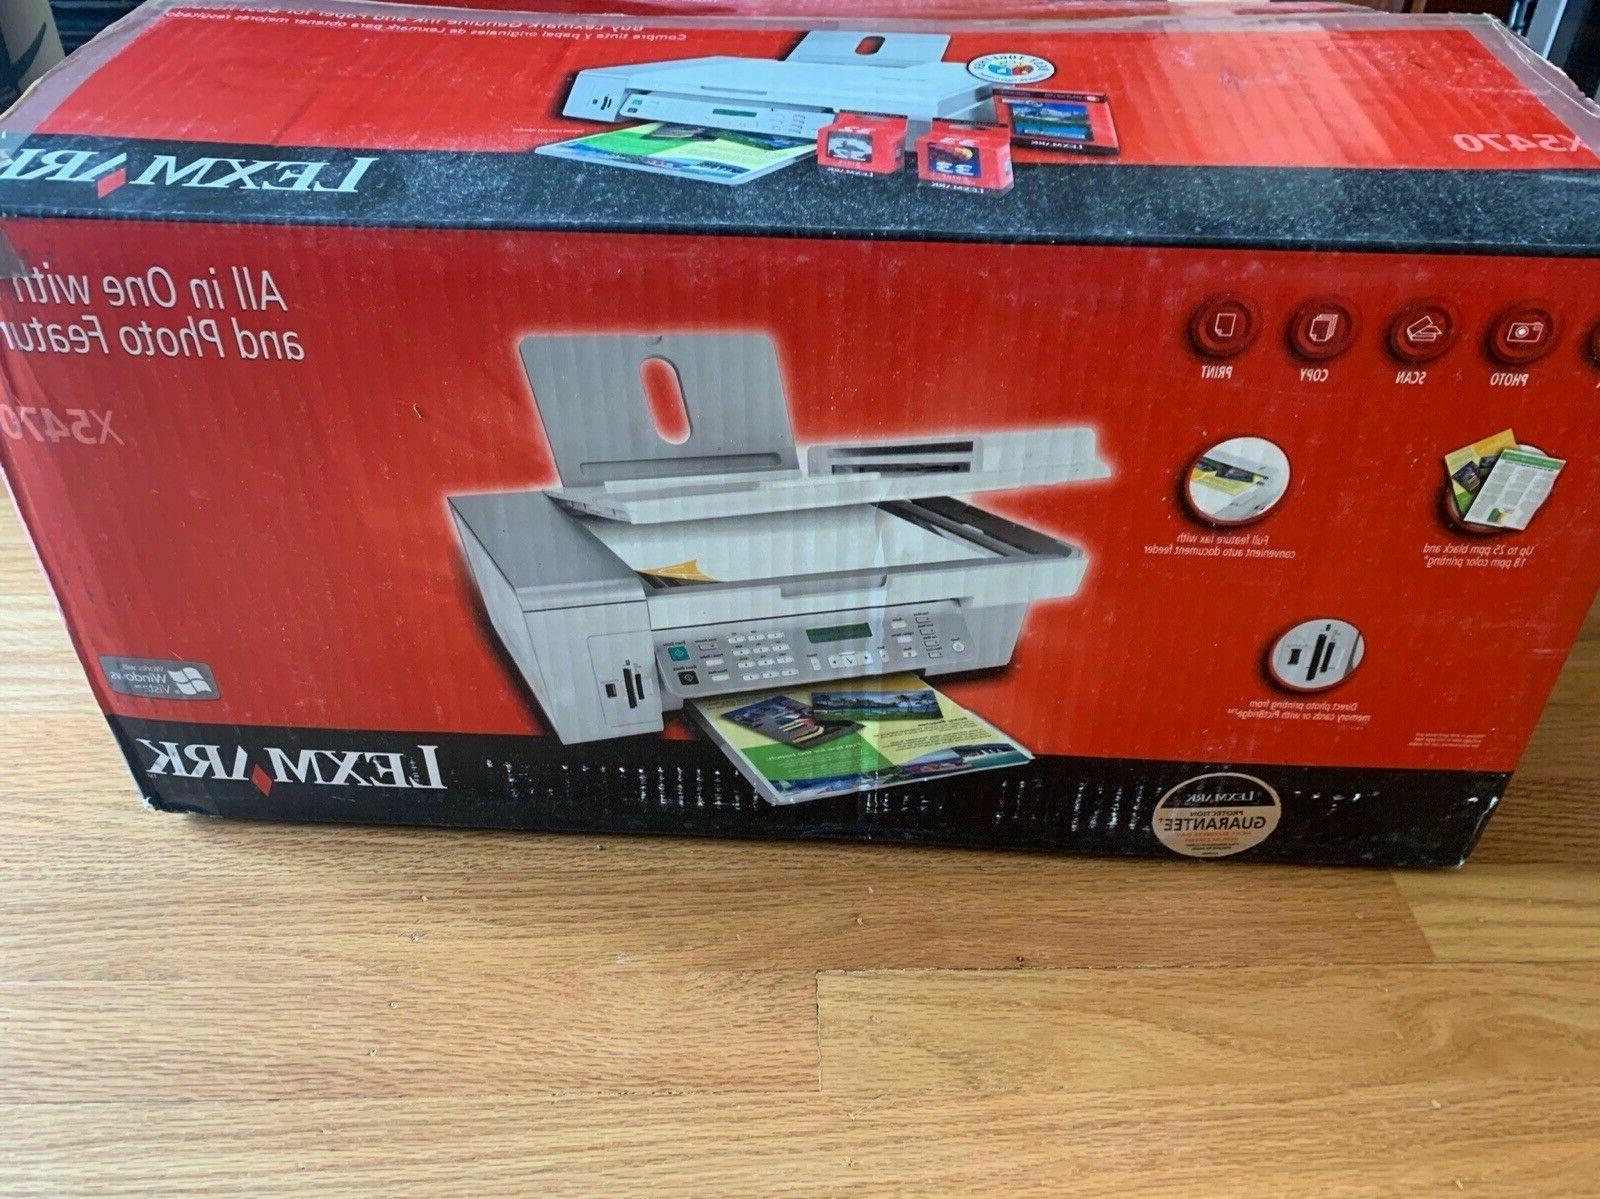 InkJet Printer Lexmark X5470 All-In-One Inkjet Printer